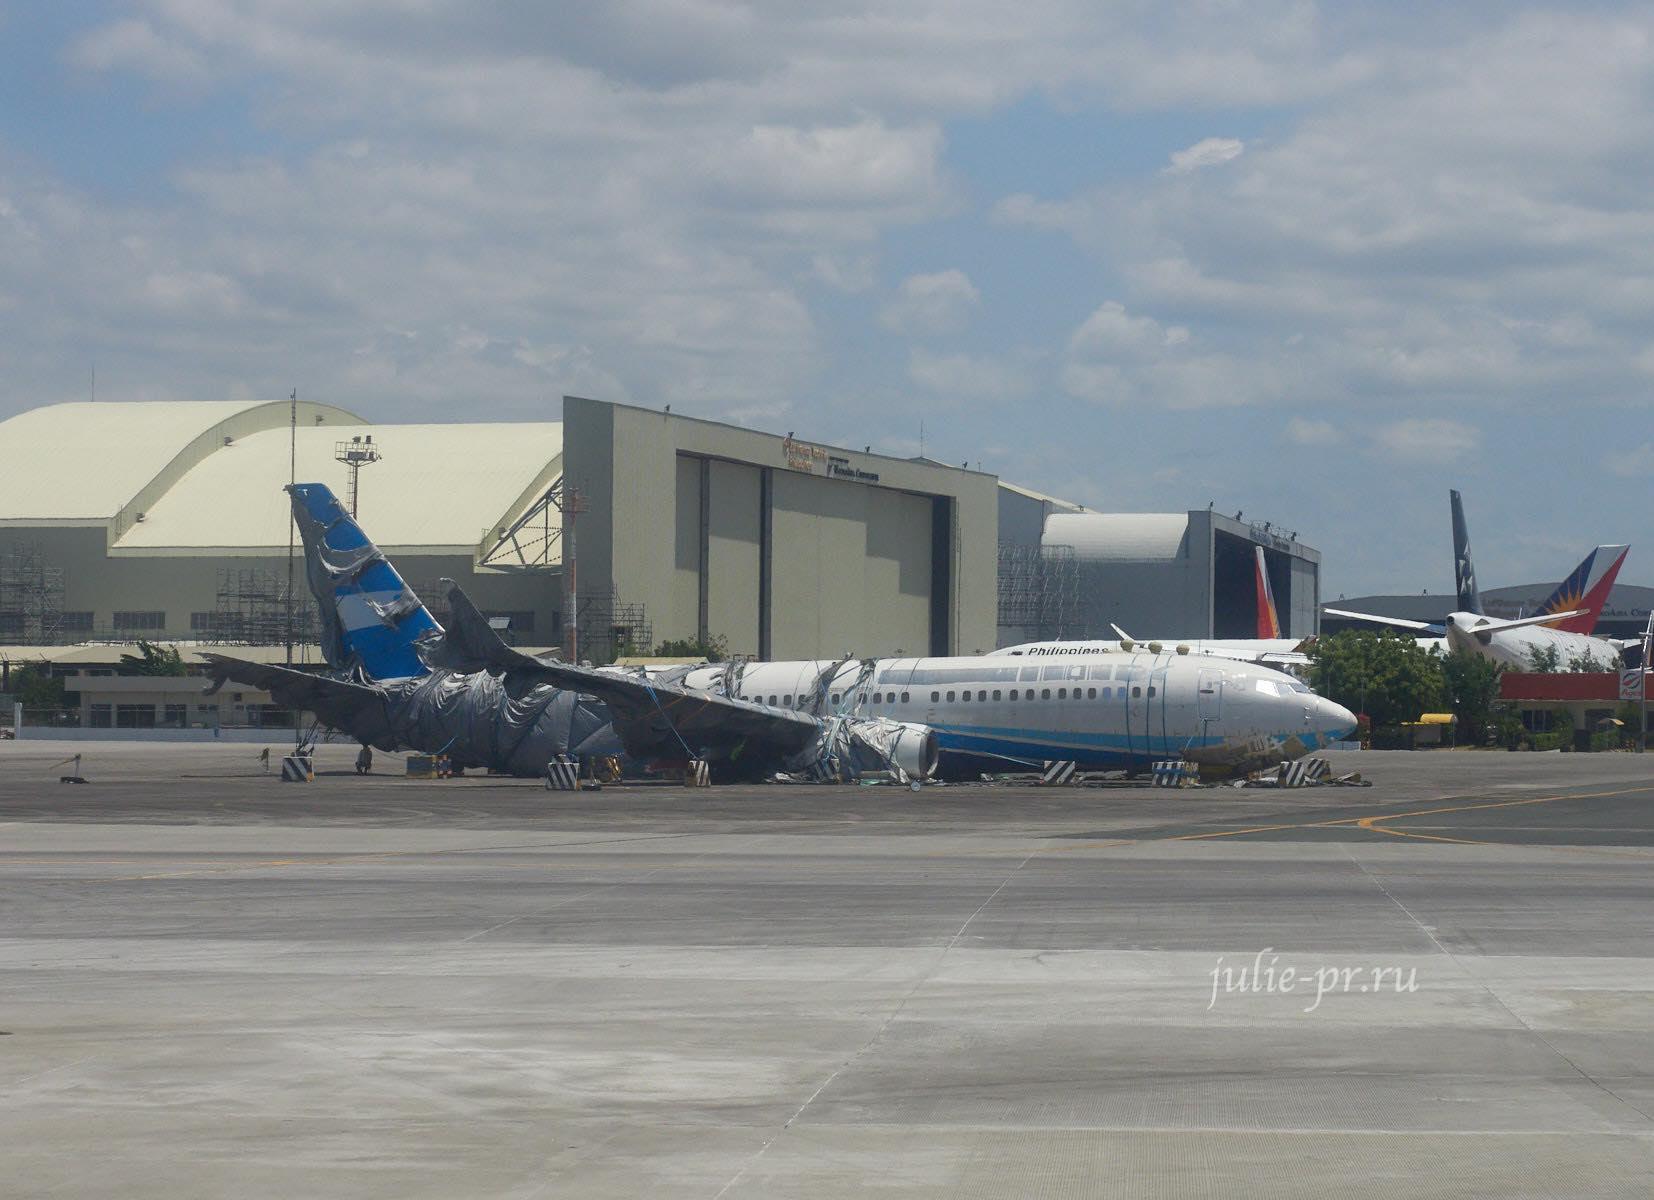 Филиппины, Манила, аэропорт, выкатившийся самолет